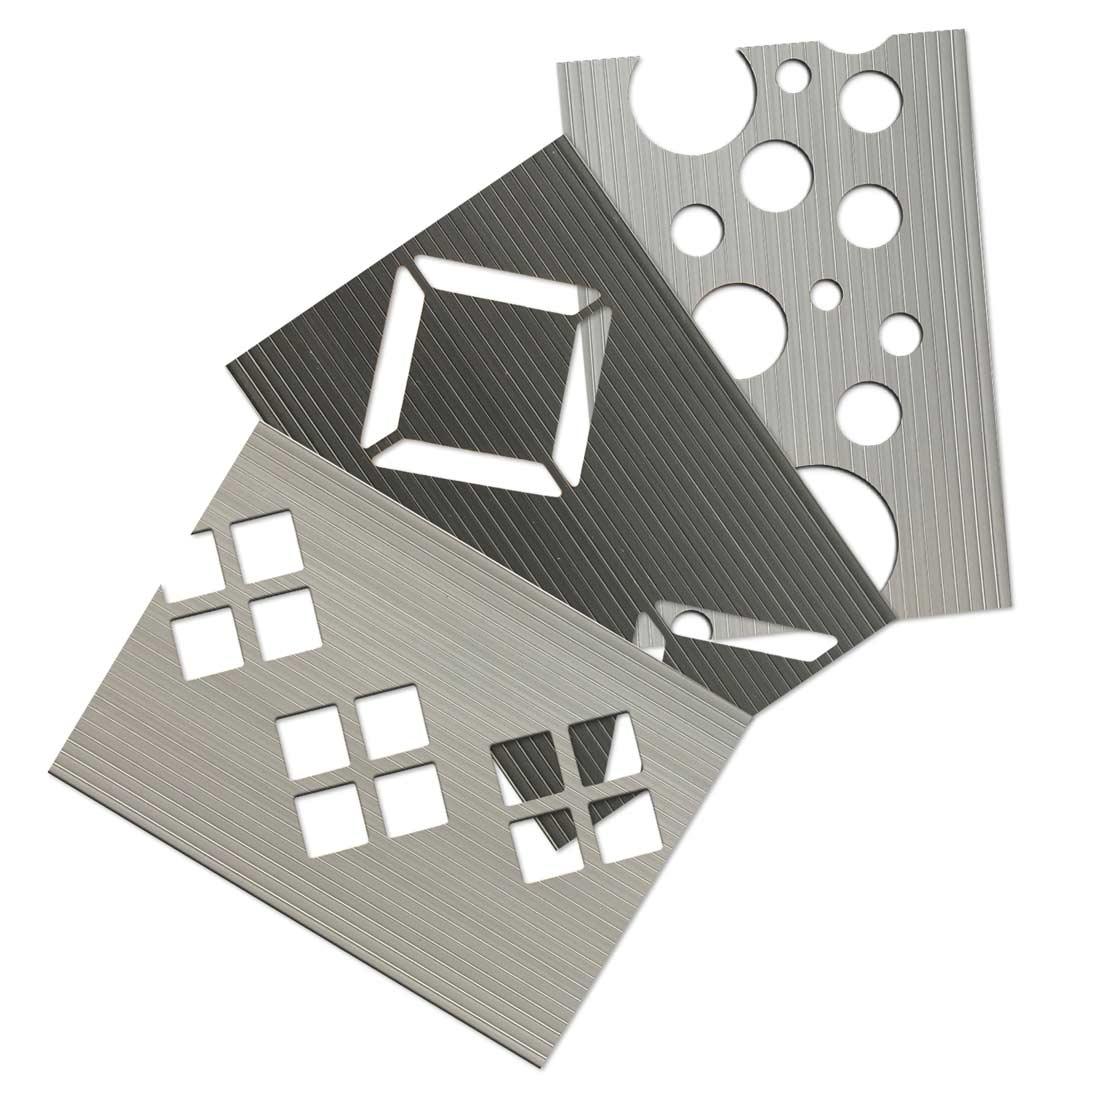 Muster Hart Pvc Dekor Sichtschutzstreifen Zur Voransicht Jetzt Bestellen Sichtschutz Shop